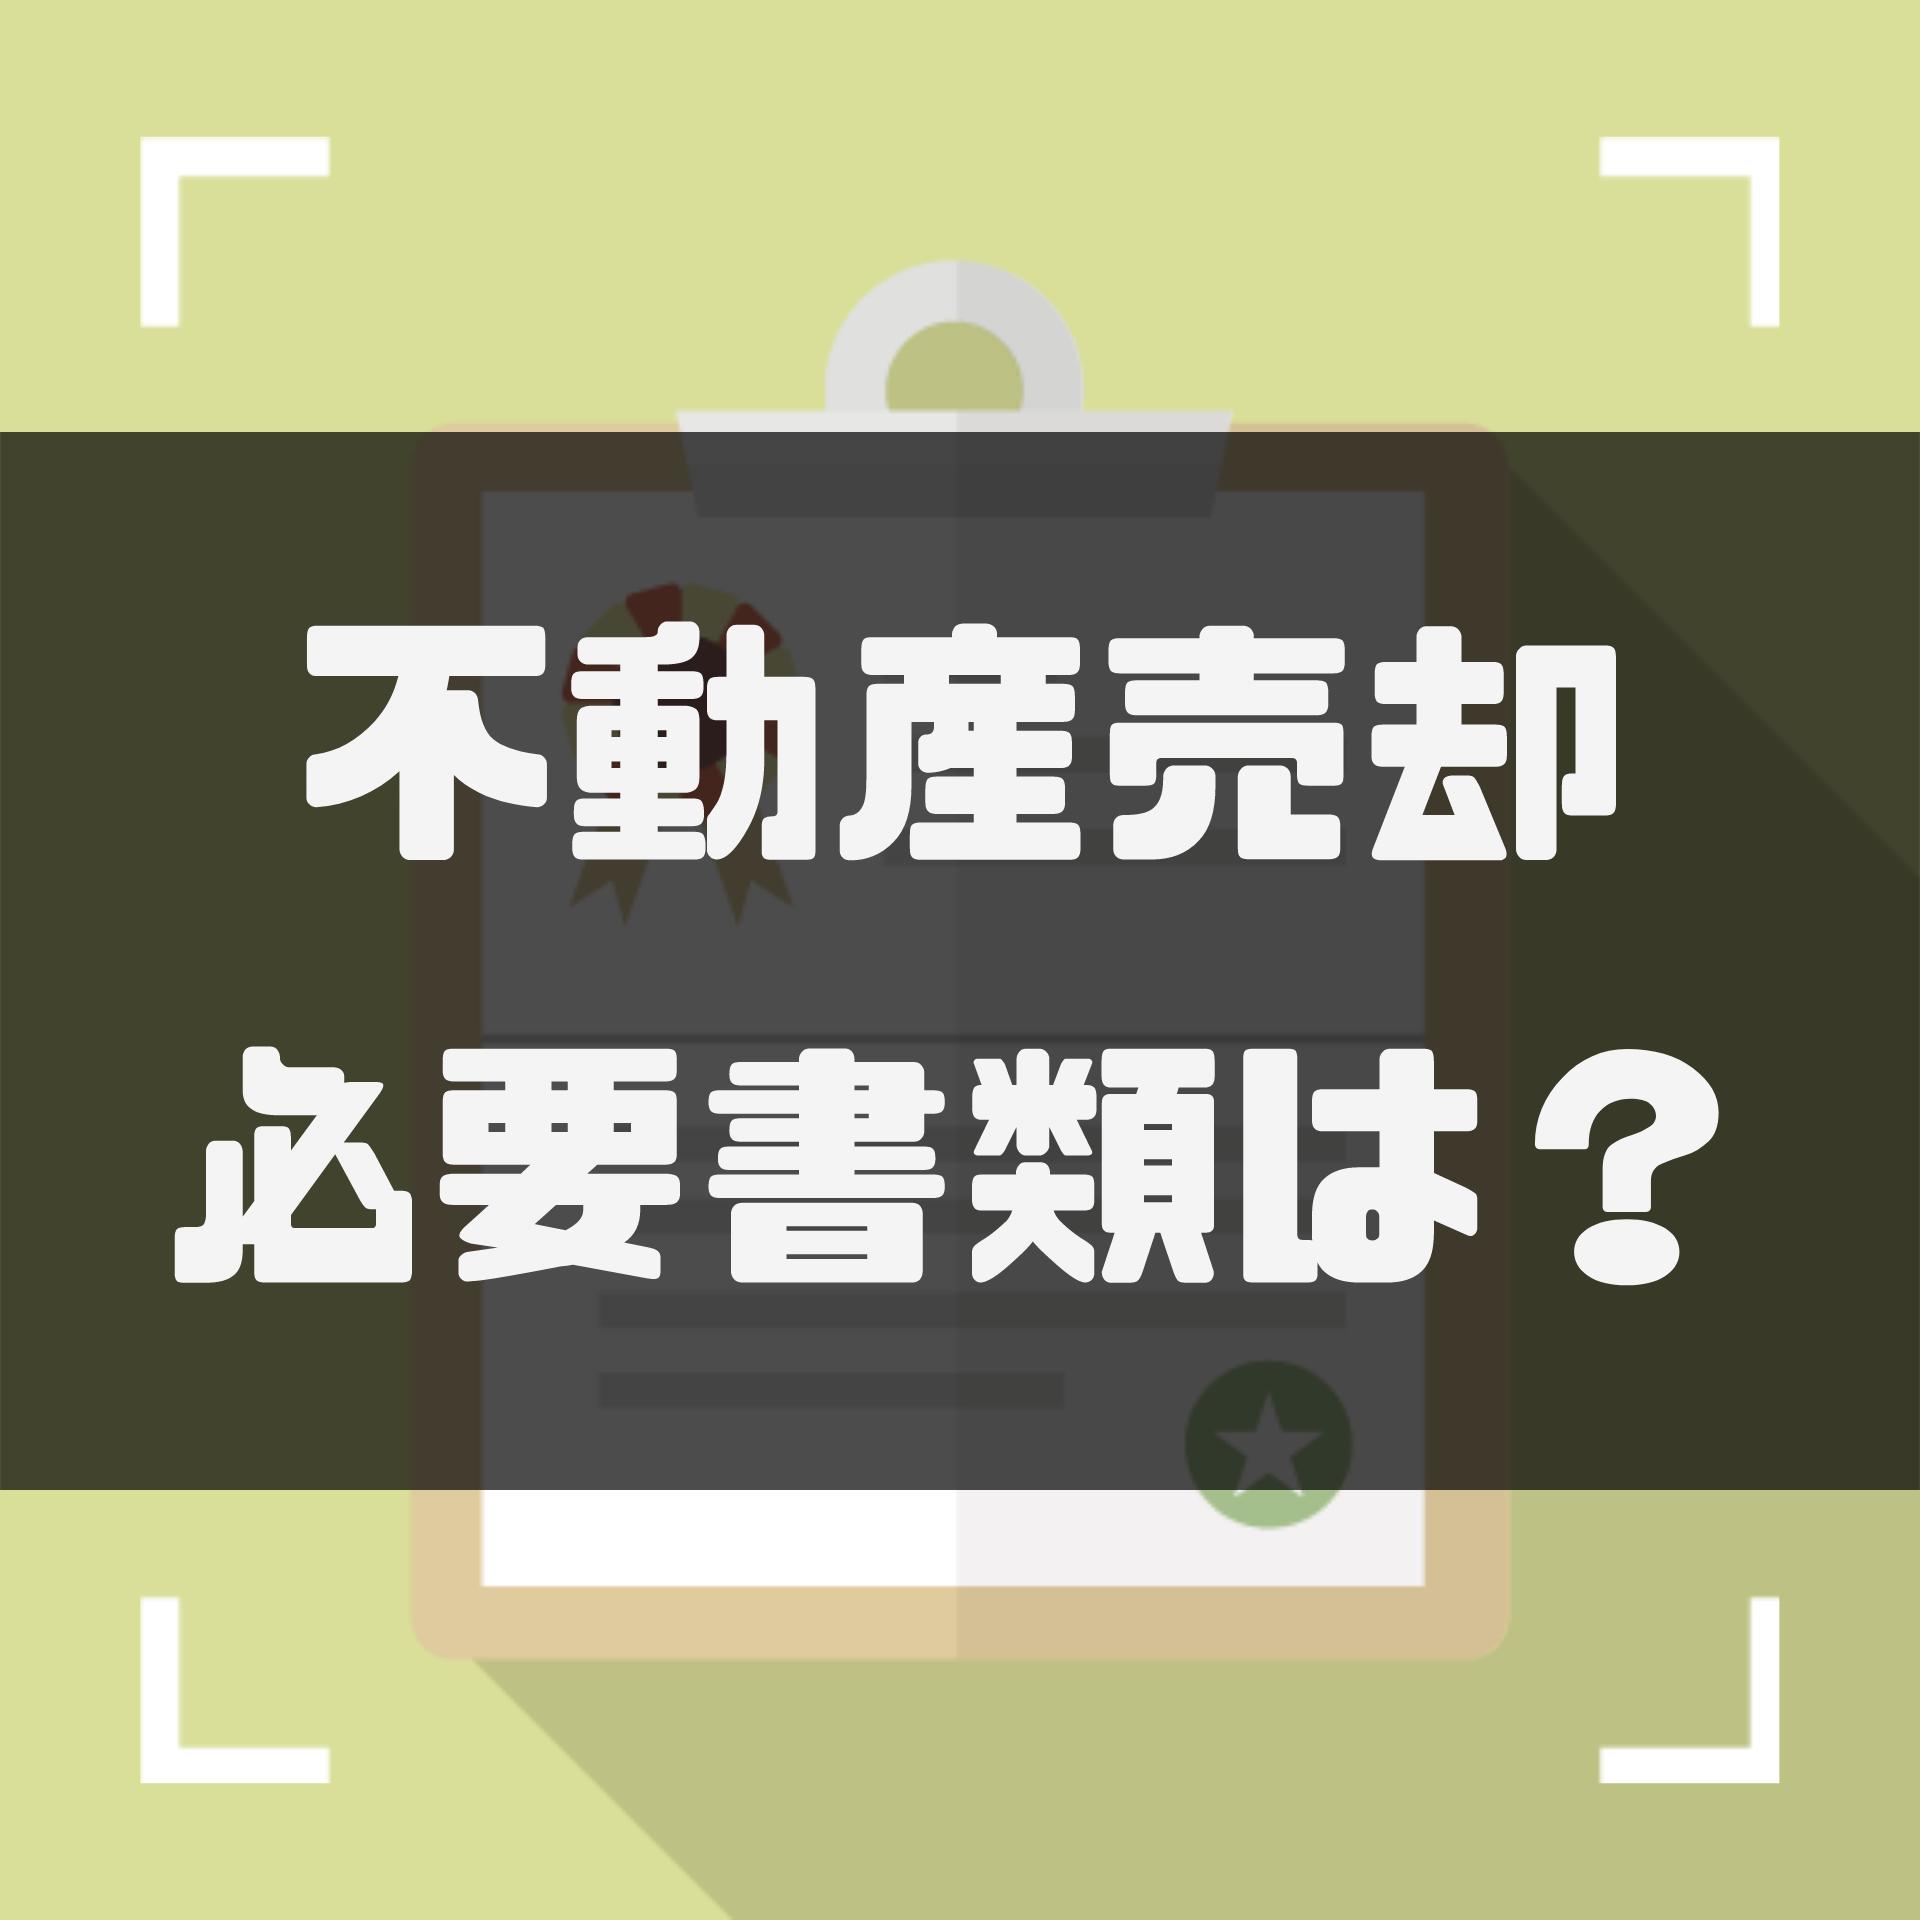 不動産売却に必要な書類の取得方法から注意点まで徹底解説!